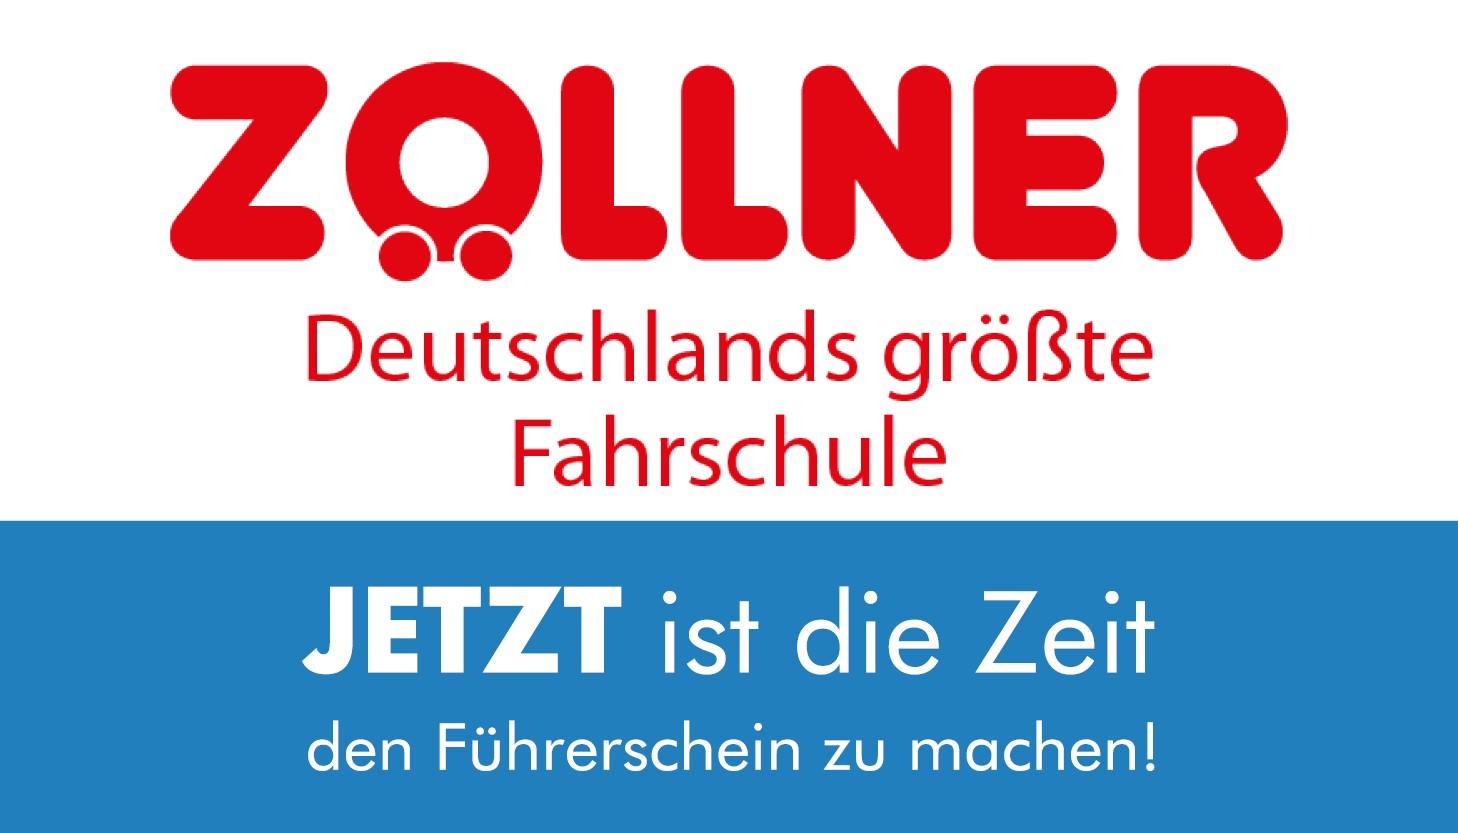 Fahrschule Zöllner